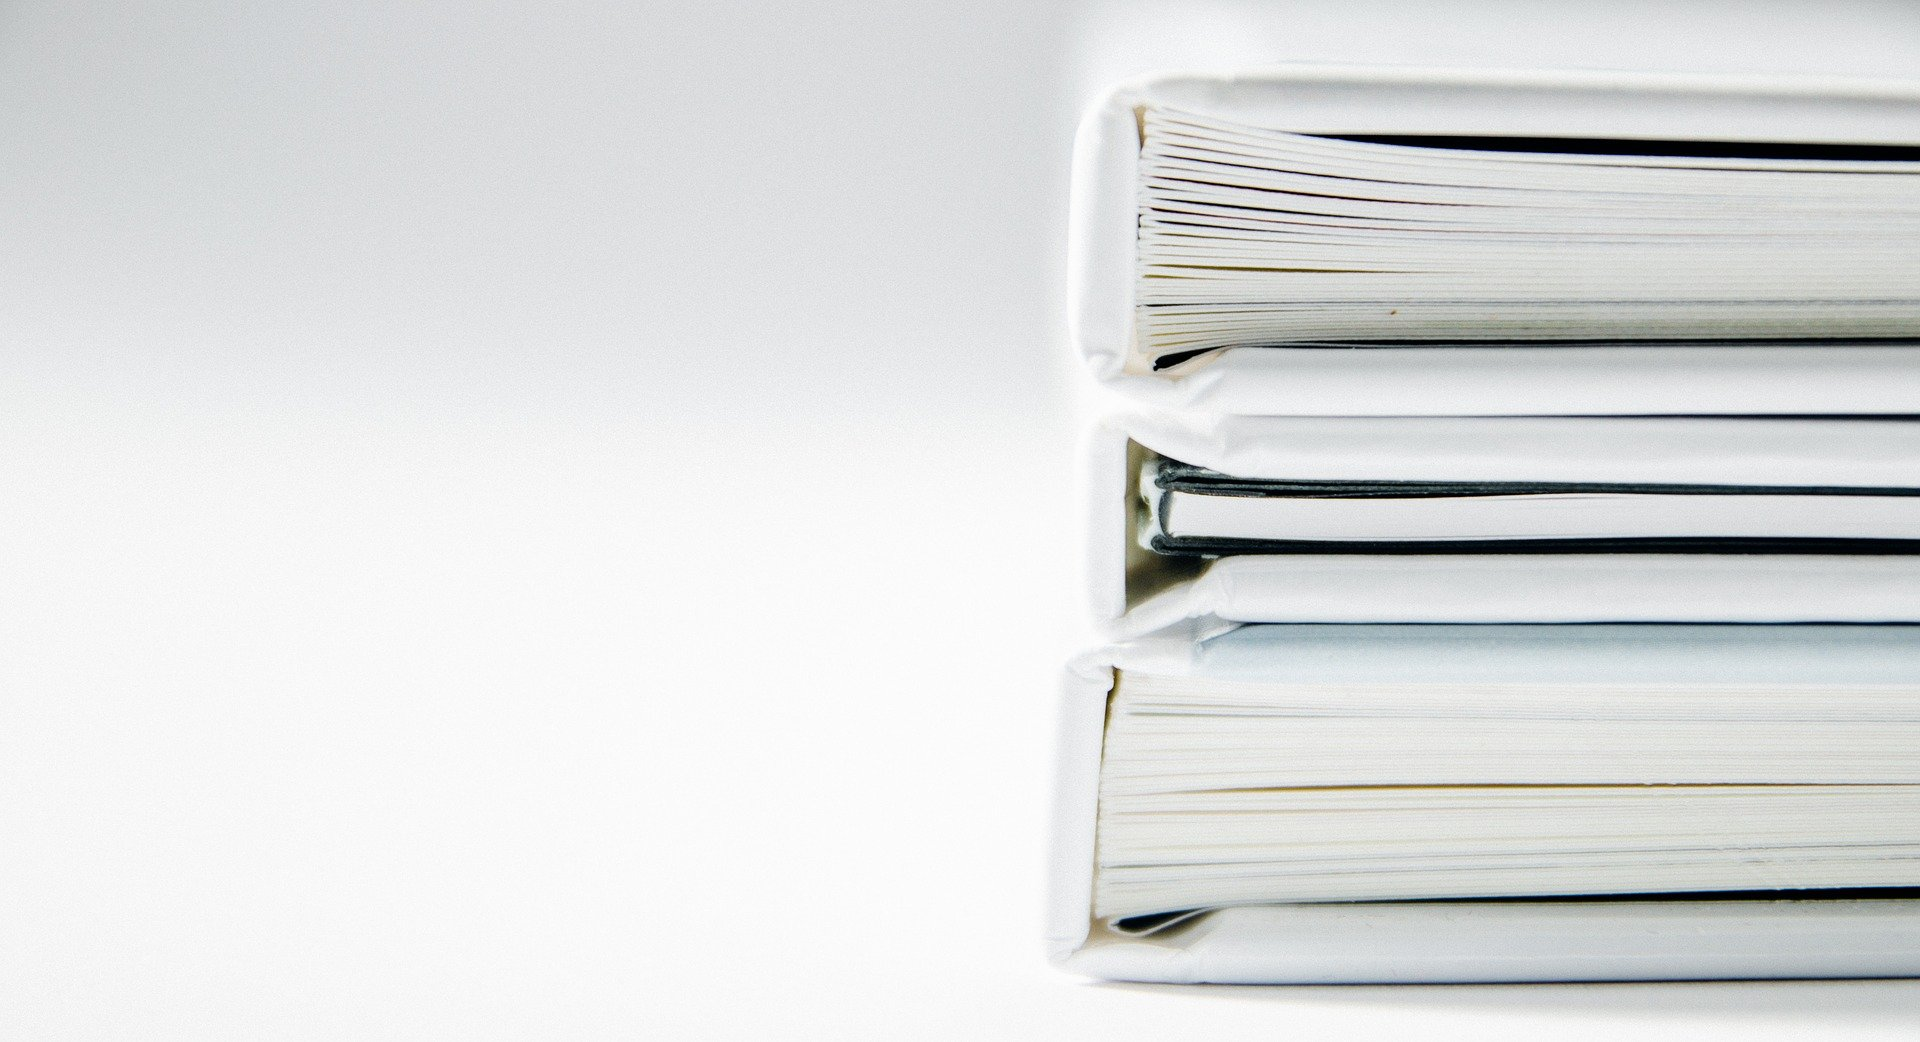 books 1845614 19201 - Como crear una fundación sin fines de lucro en Venezuela